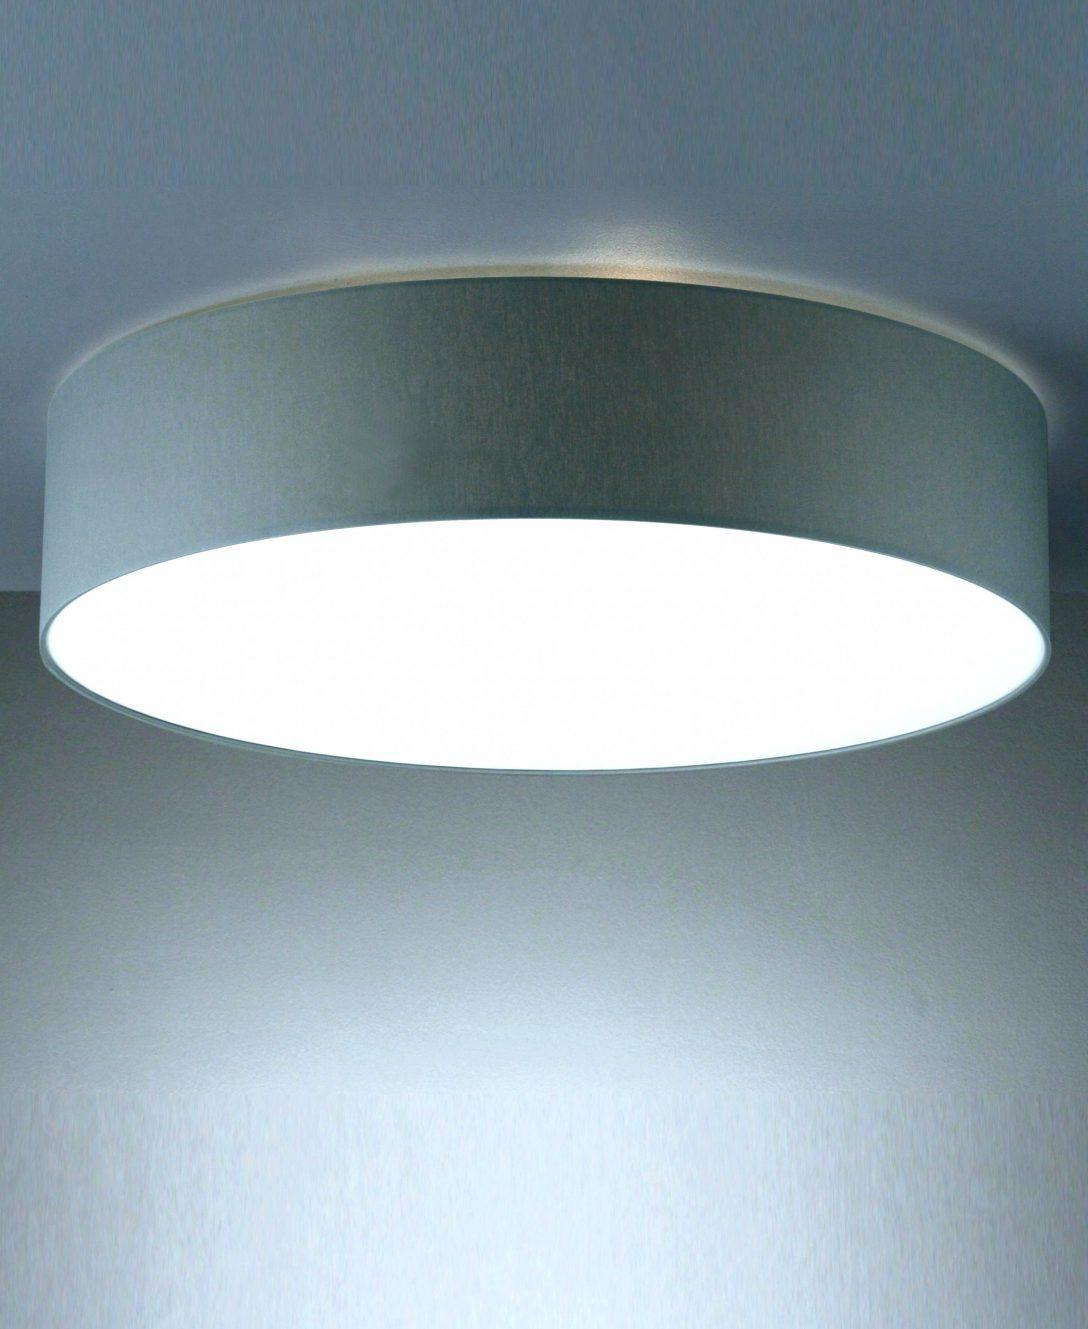 Large Size of Deckenlampe Ikea Esstisch Küche Kosten Wohnzimmer Kaufen Betten 160x200 Deckenlampen Modern Miniküche Für Wohnzimmer Deckenlampe Ikea